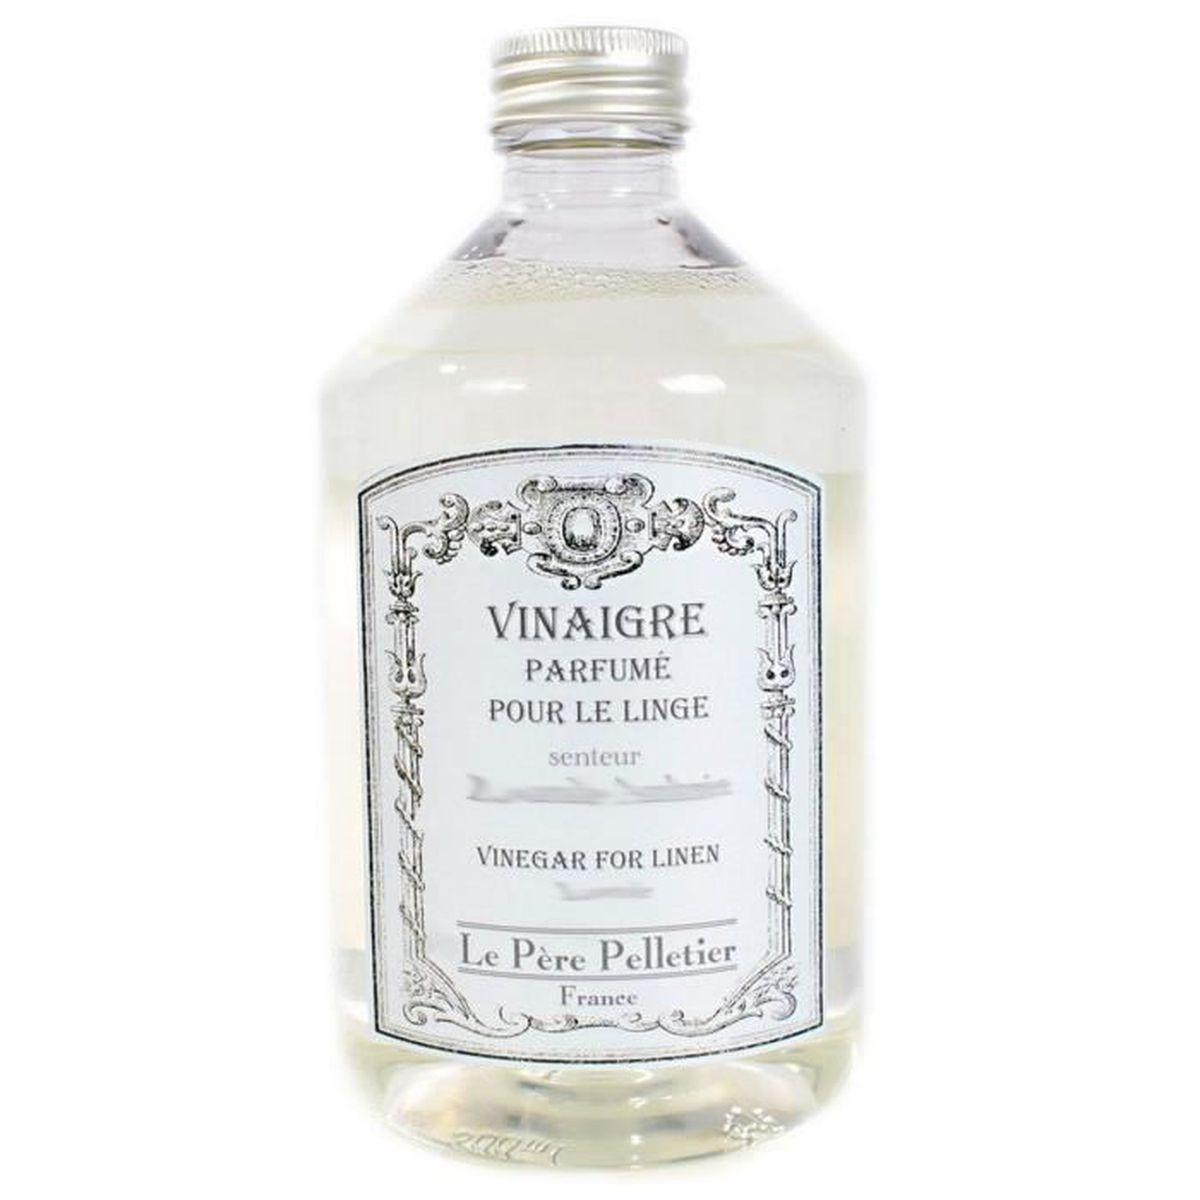 Nettoyer Lave Vaisselle Vinaigre vinaigre parfumé pour le linge 500ml senteur violette - parfum adoucissant  pour machine à laver lave-linge - lpp le père pelletier